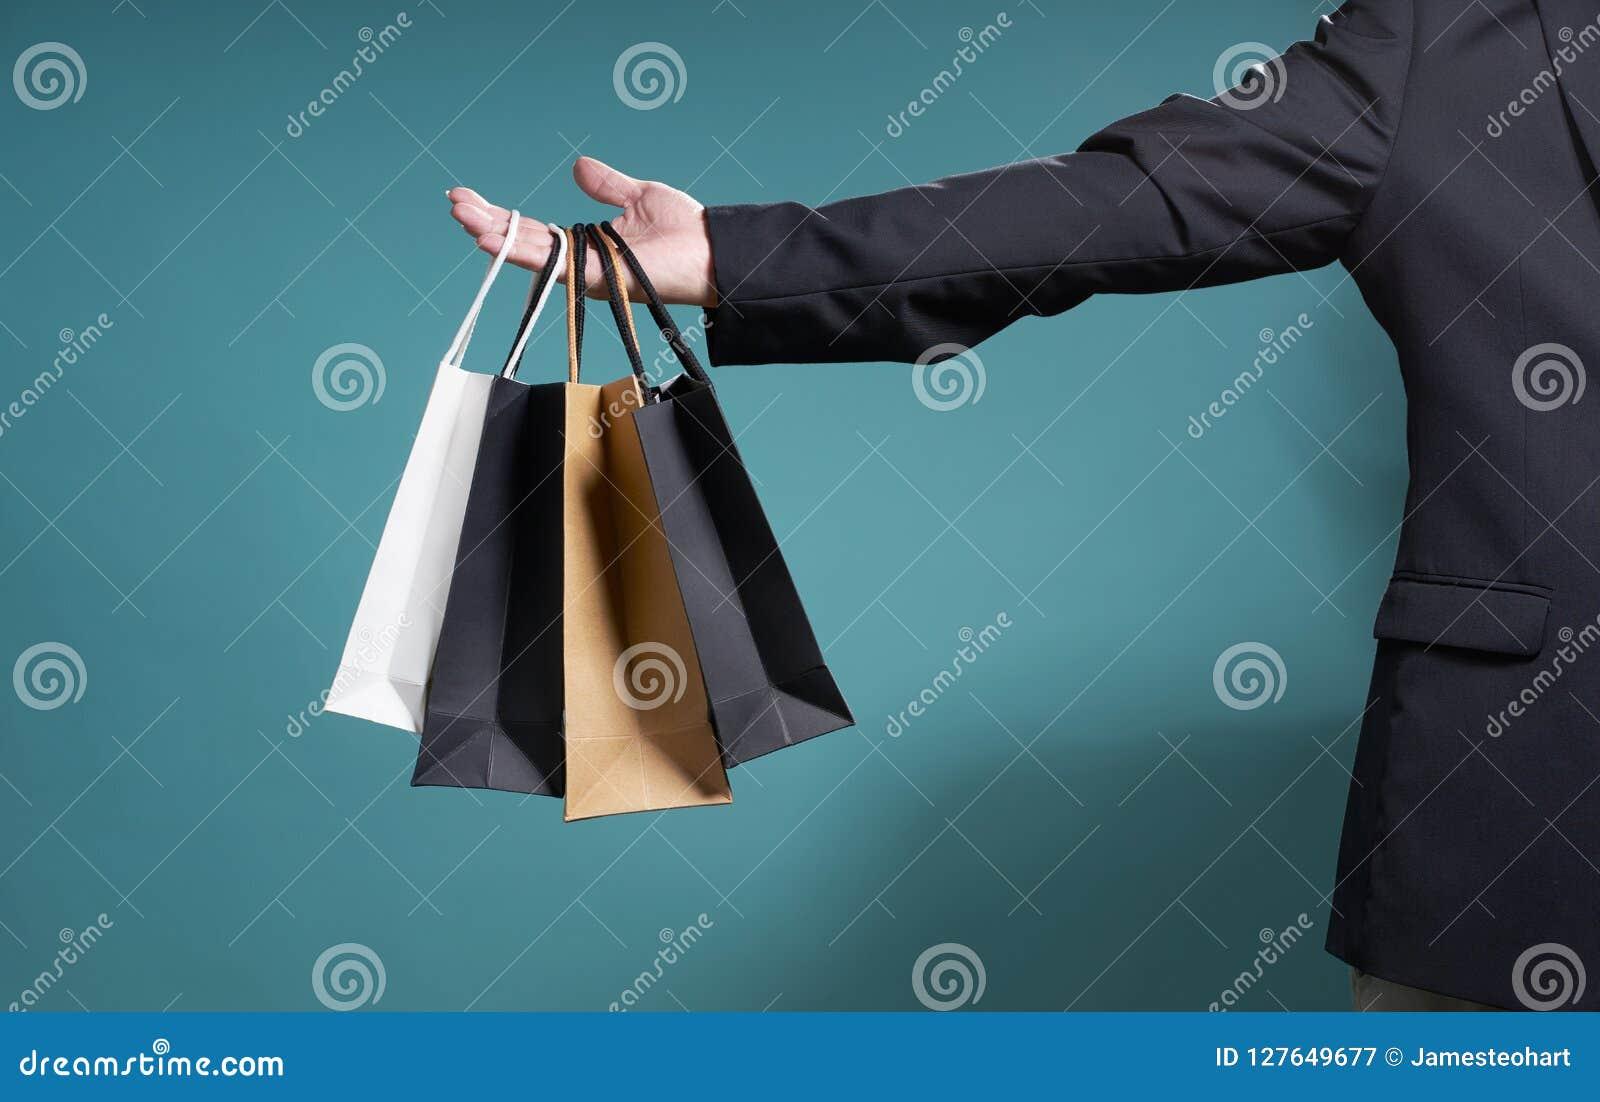 Concepto de la venta de negocio